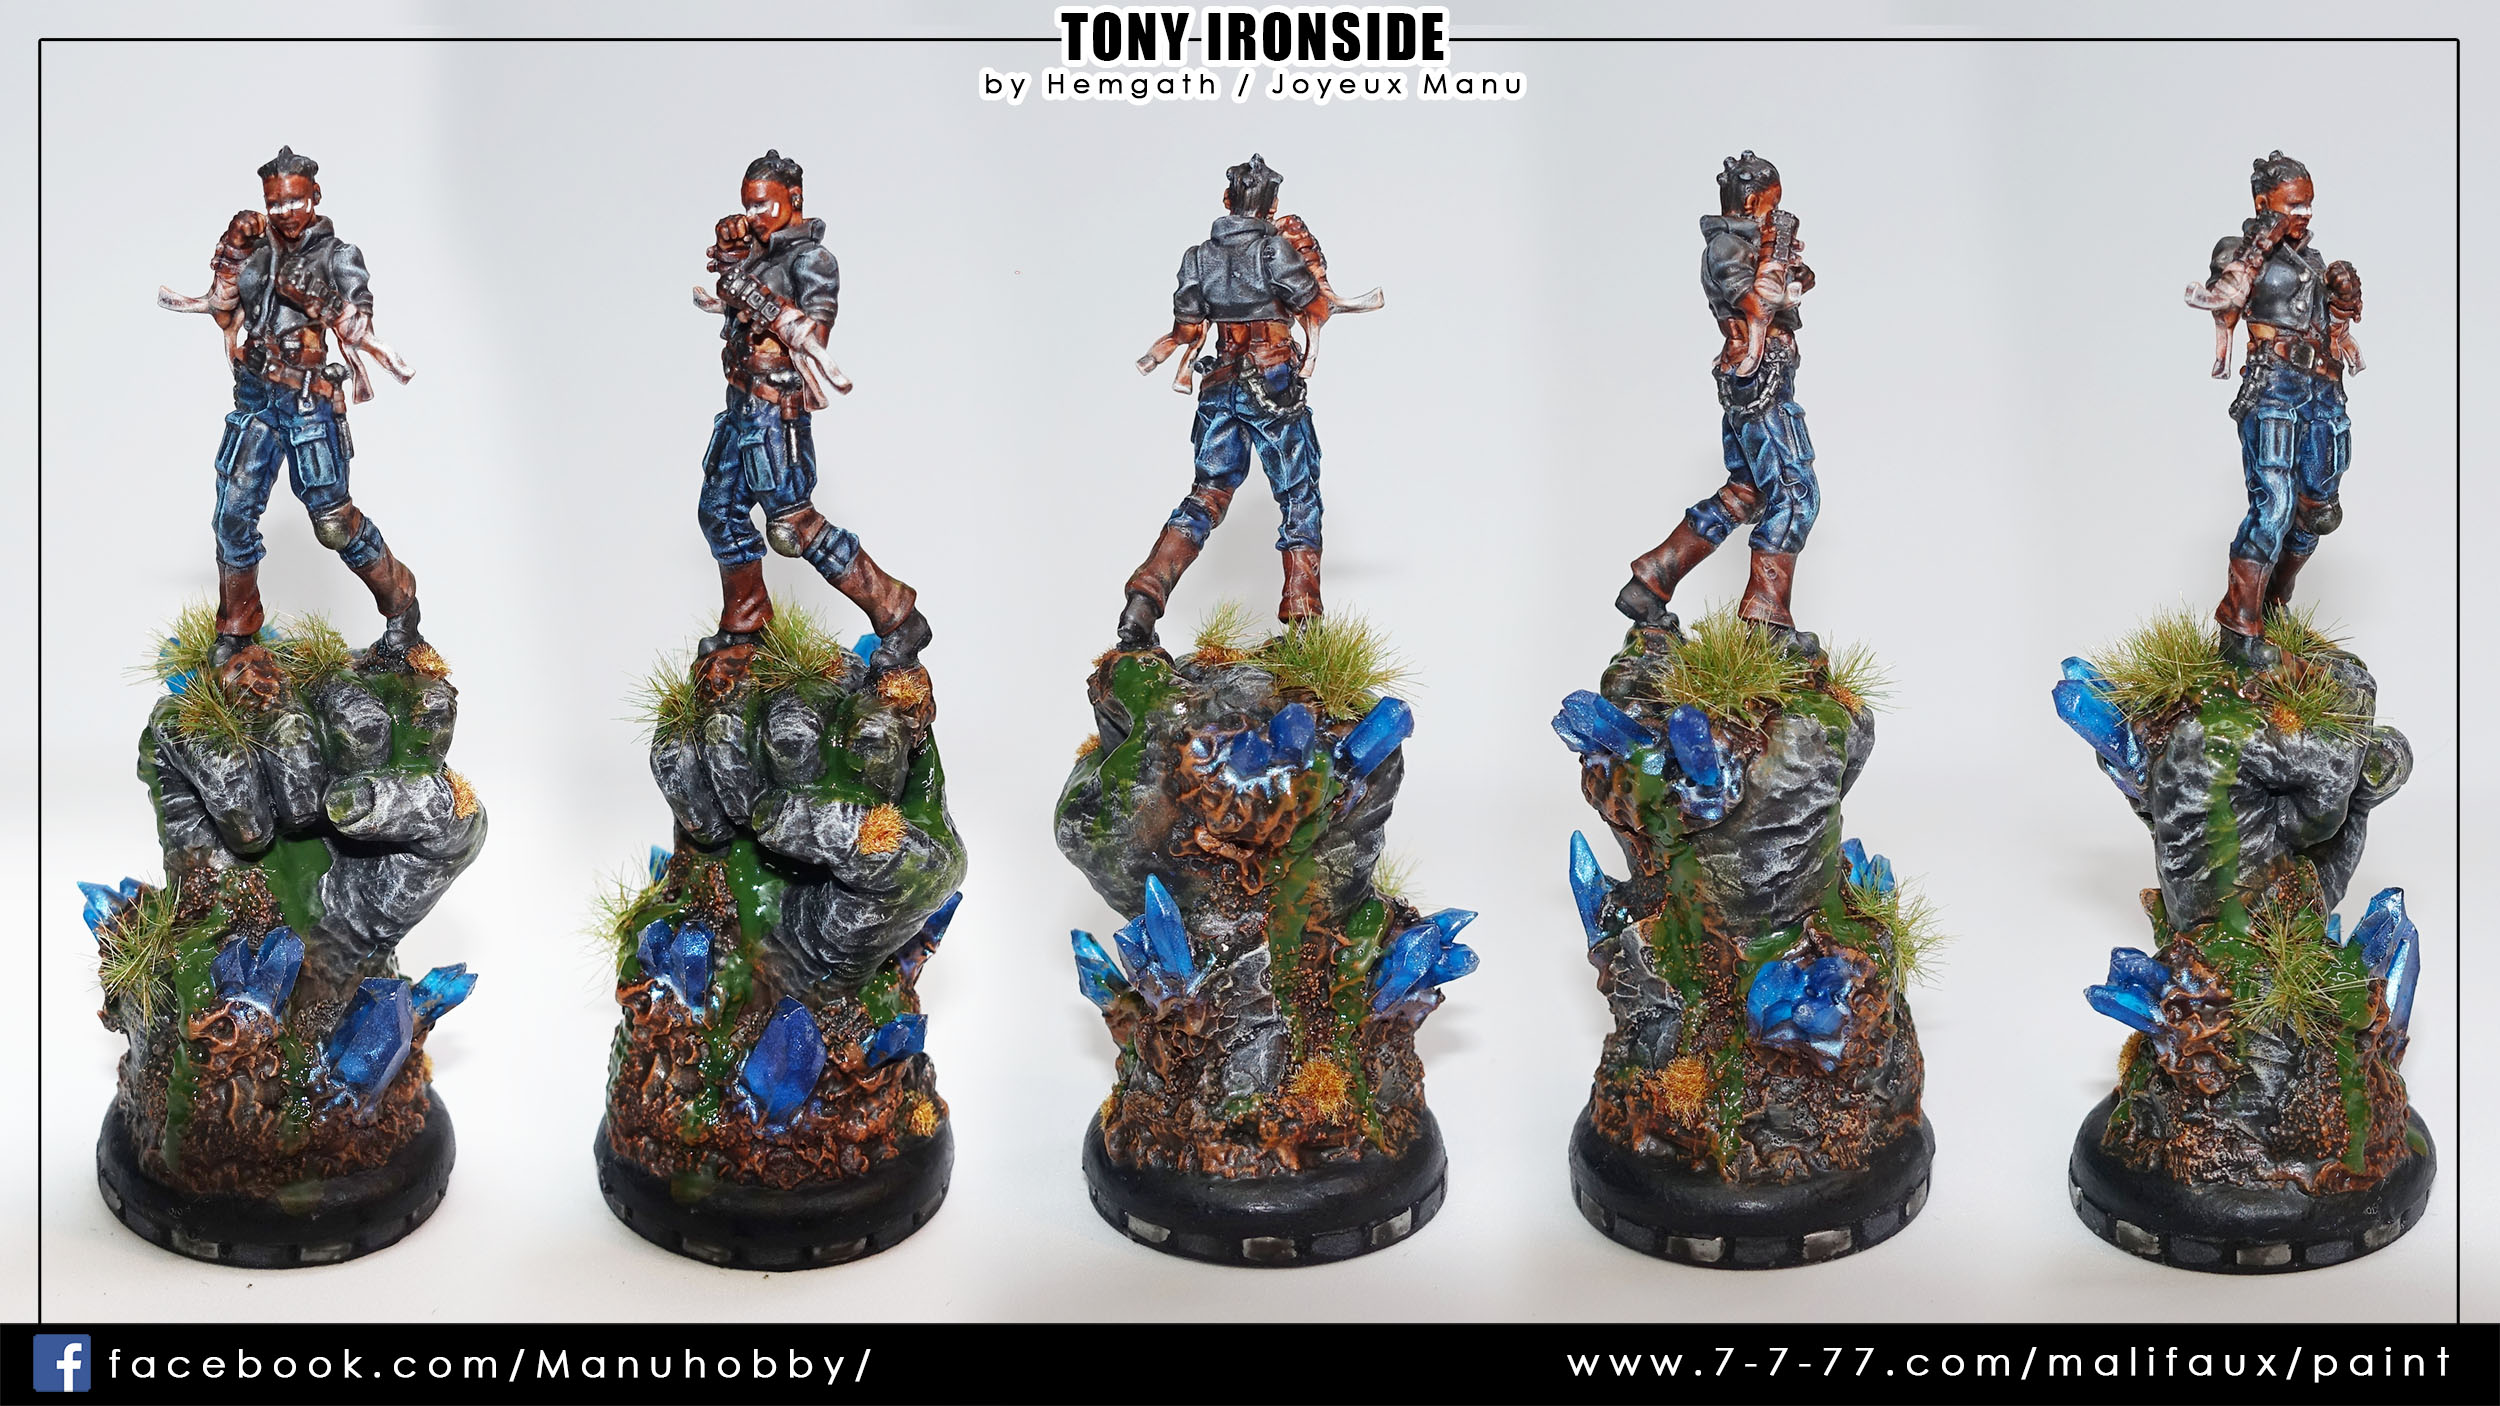 malifaux-tony-ironside-leader-arcanist-0